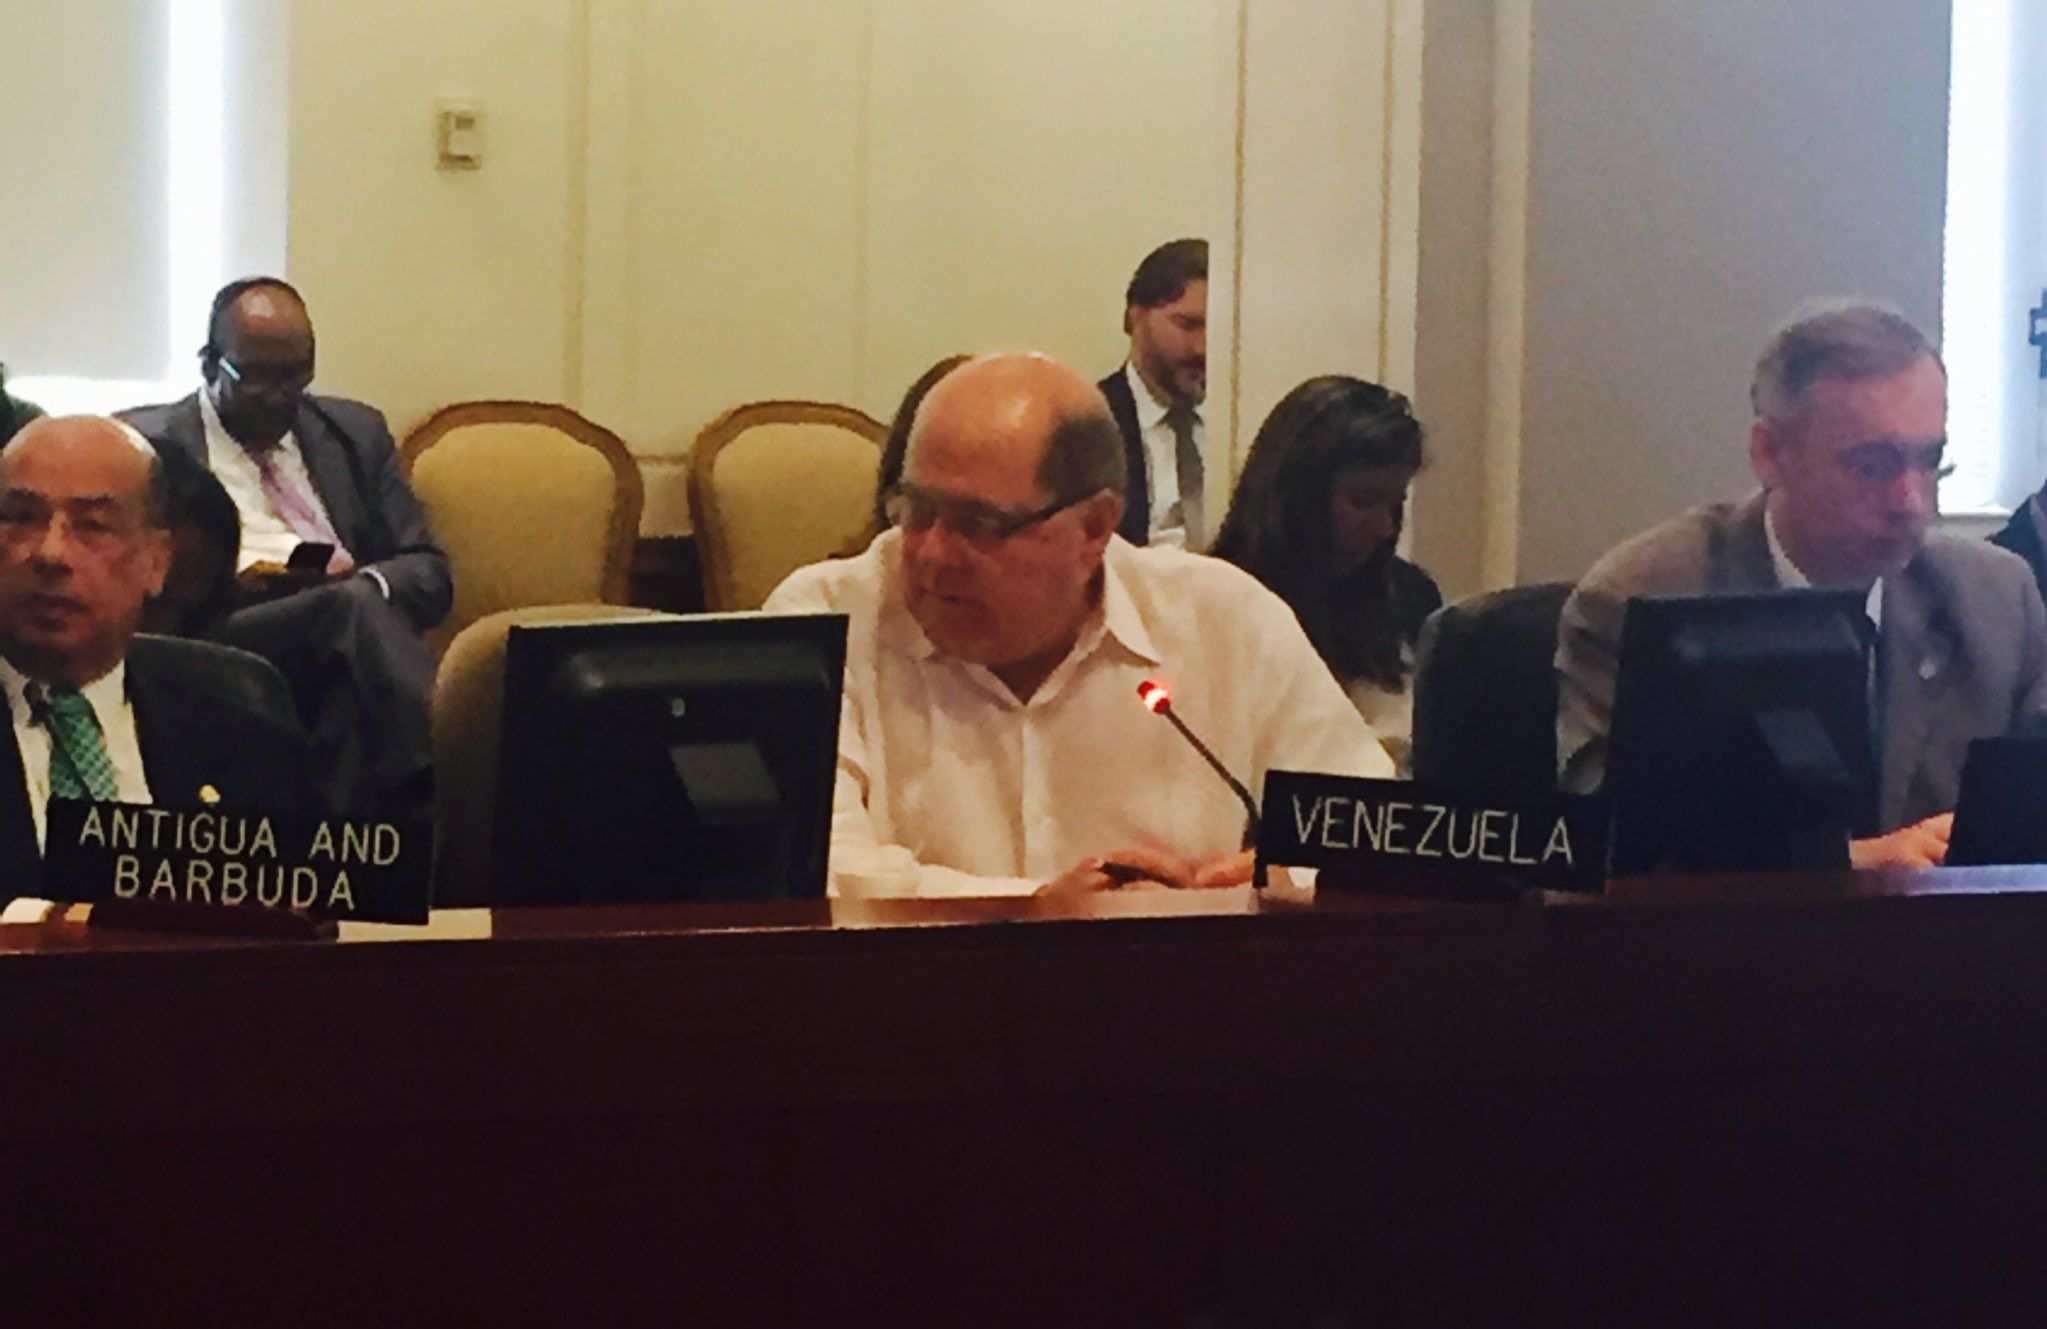 @DrodriguezVen : RT @VenezuelaEnOEA: Embajador Álvarez:Vzla reitera su apoyo a  Haití en su derecho soberano de asumir elecciones fuera de todaInjerencia https://t.co/2Dgzhw8h5d